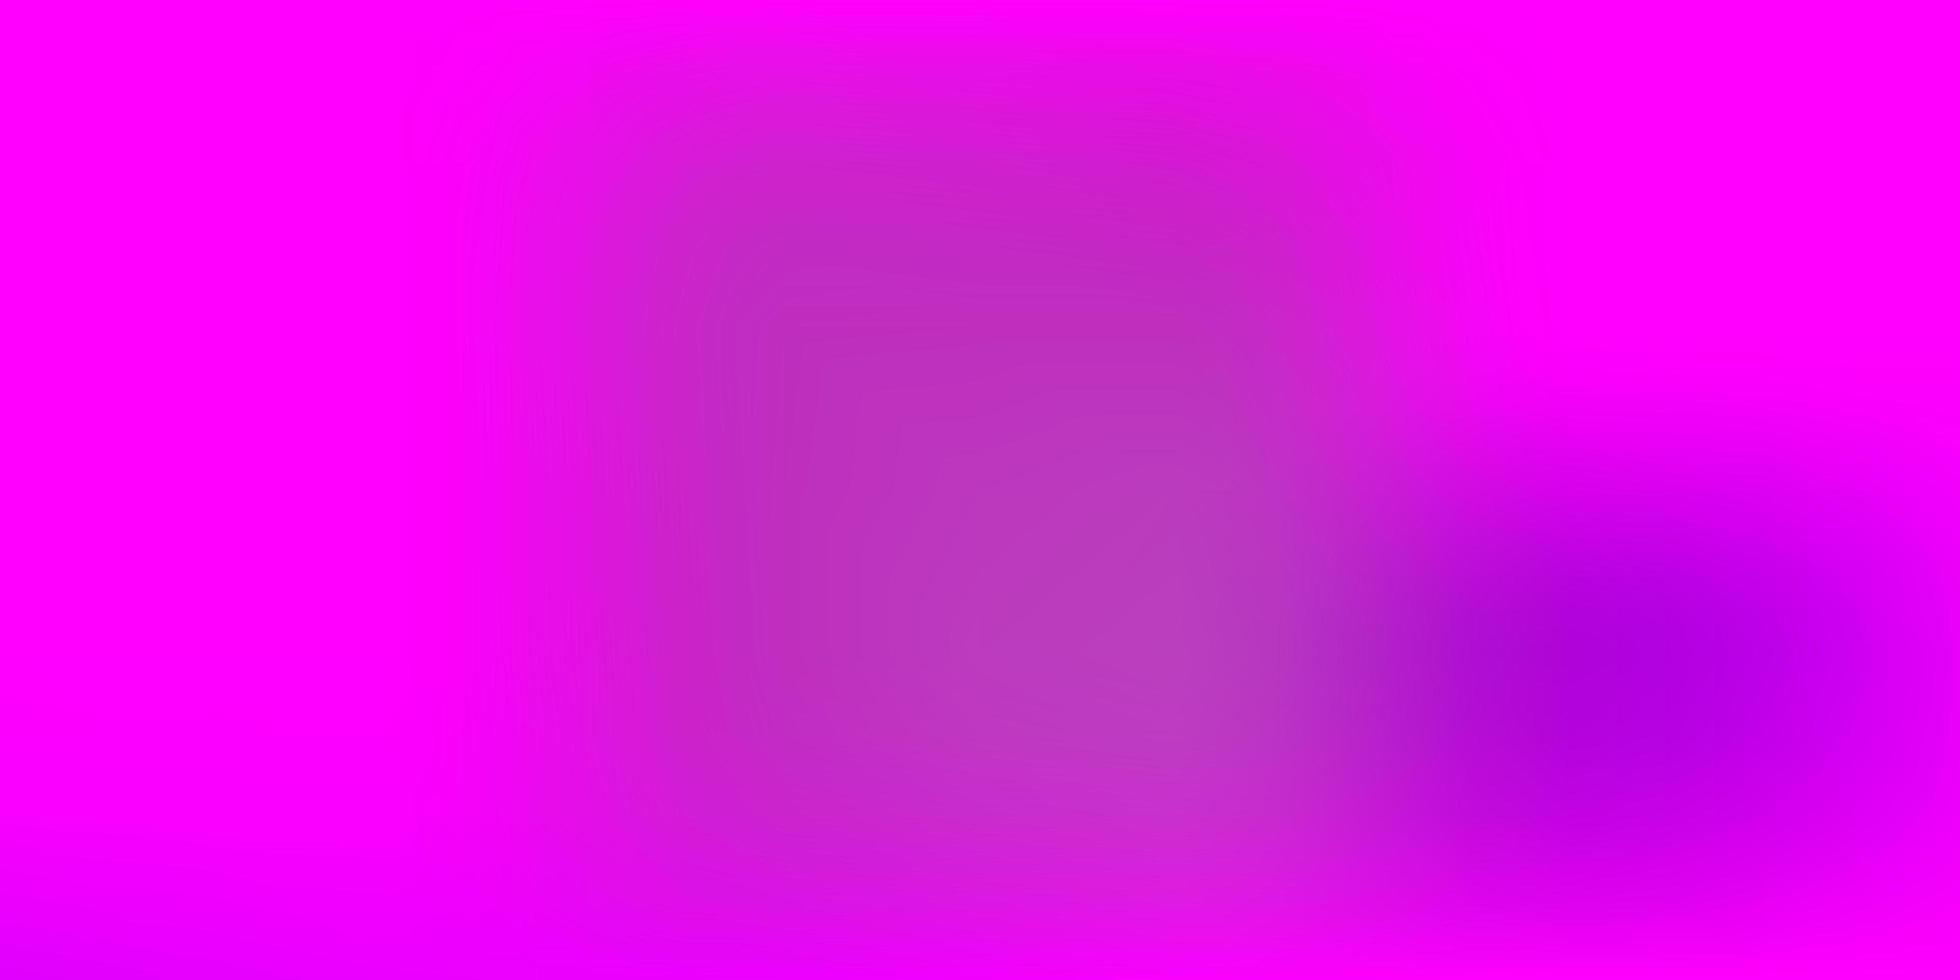 disegno di sfocatura sfumata vettoriale rosa chiaro.